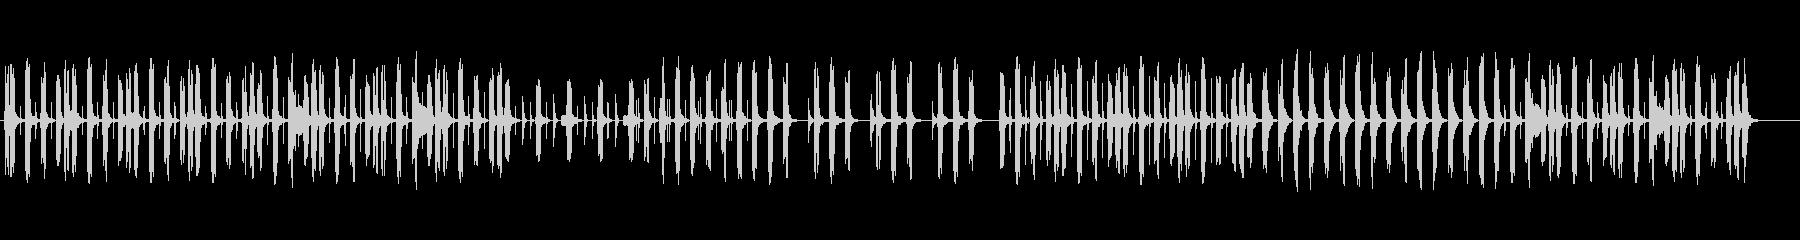 コミカルゆるかわいい日常マーチ♫の未再生の波形